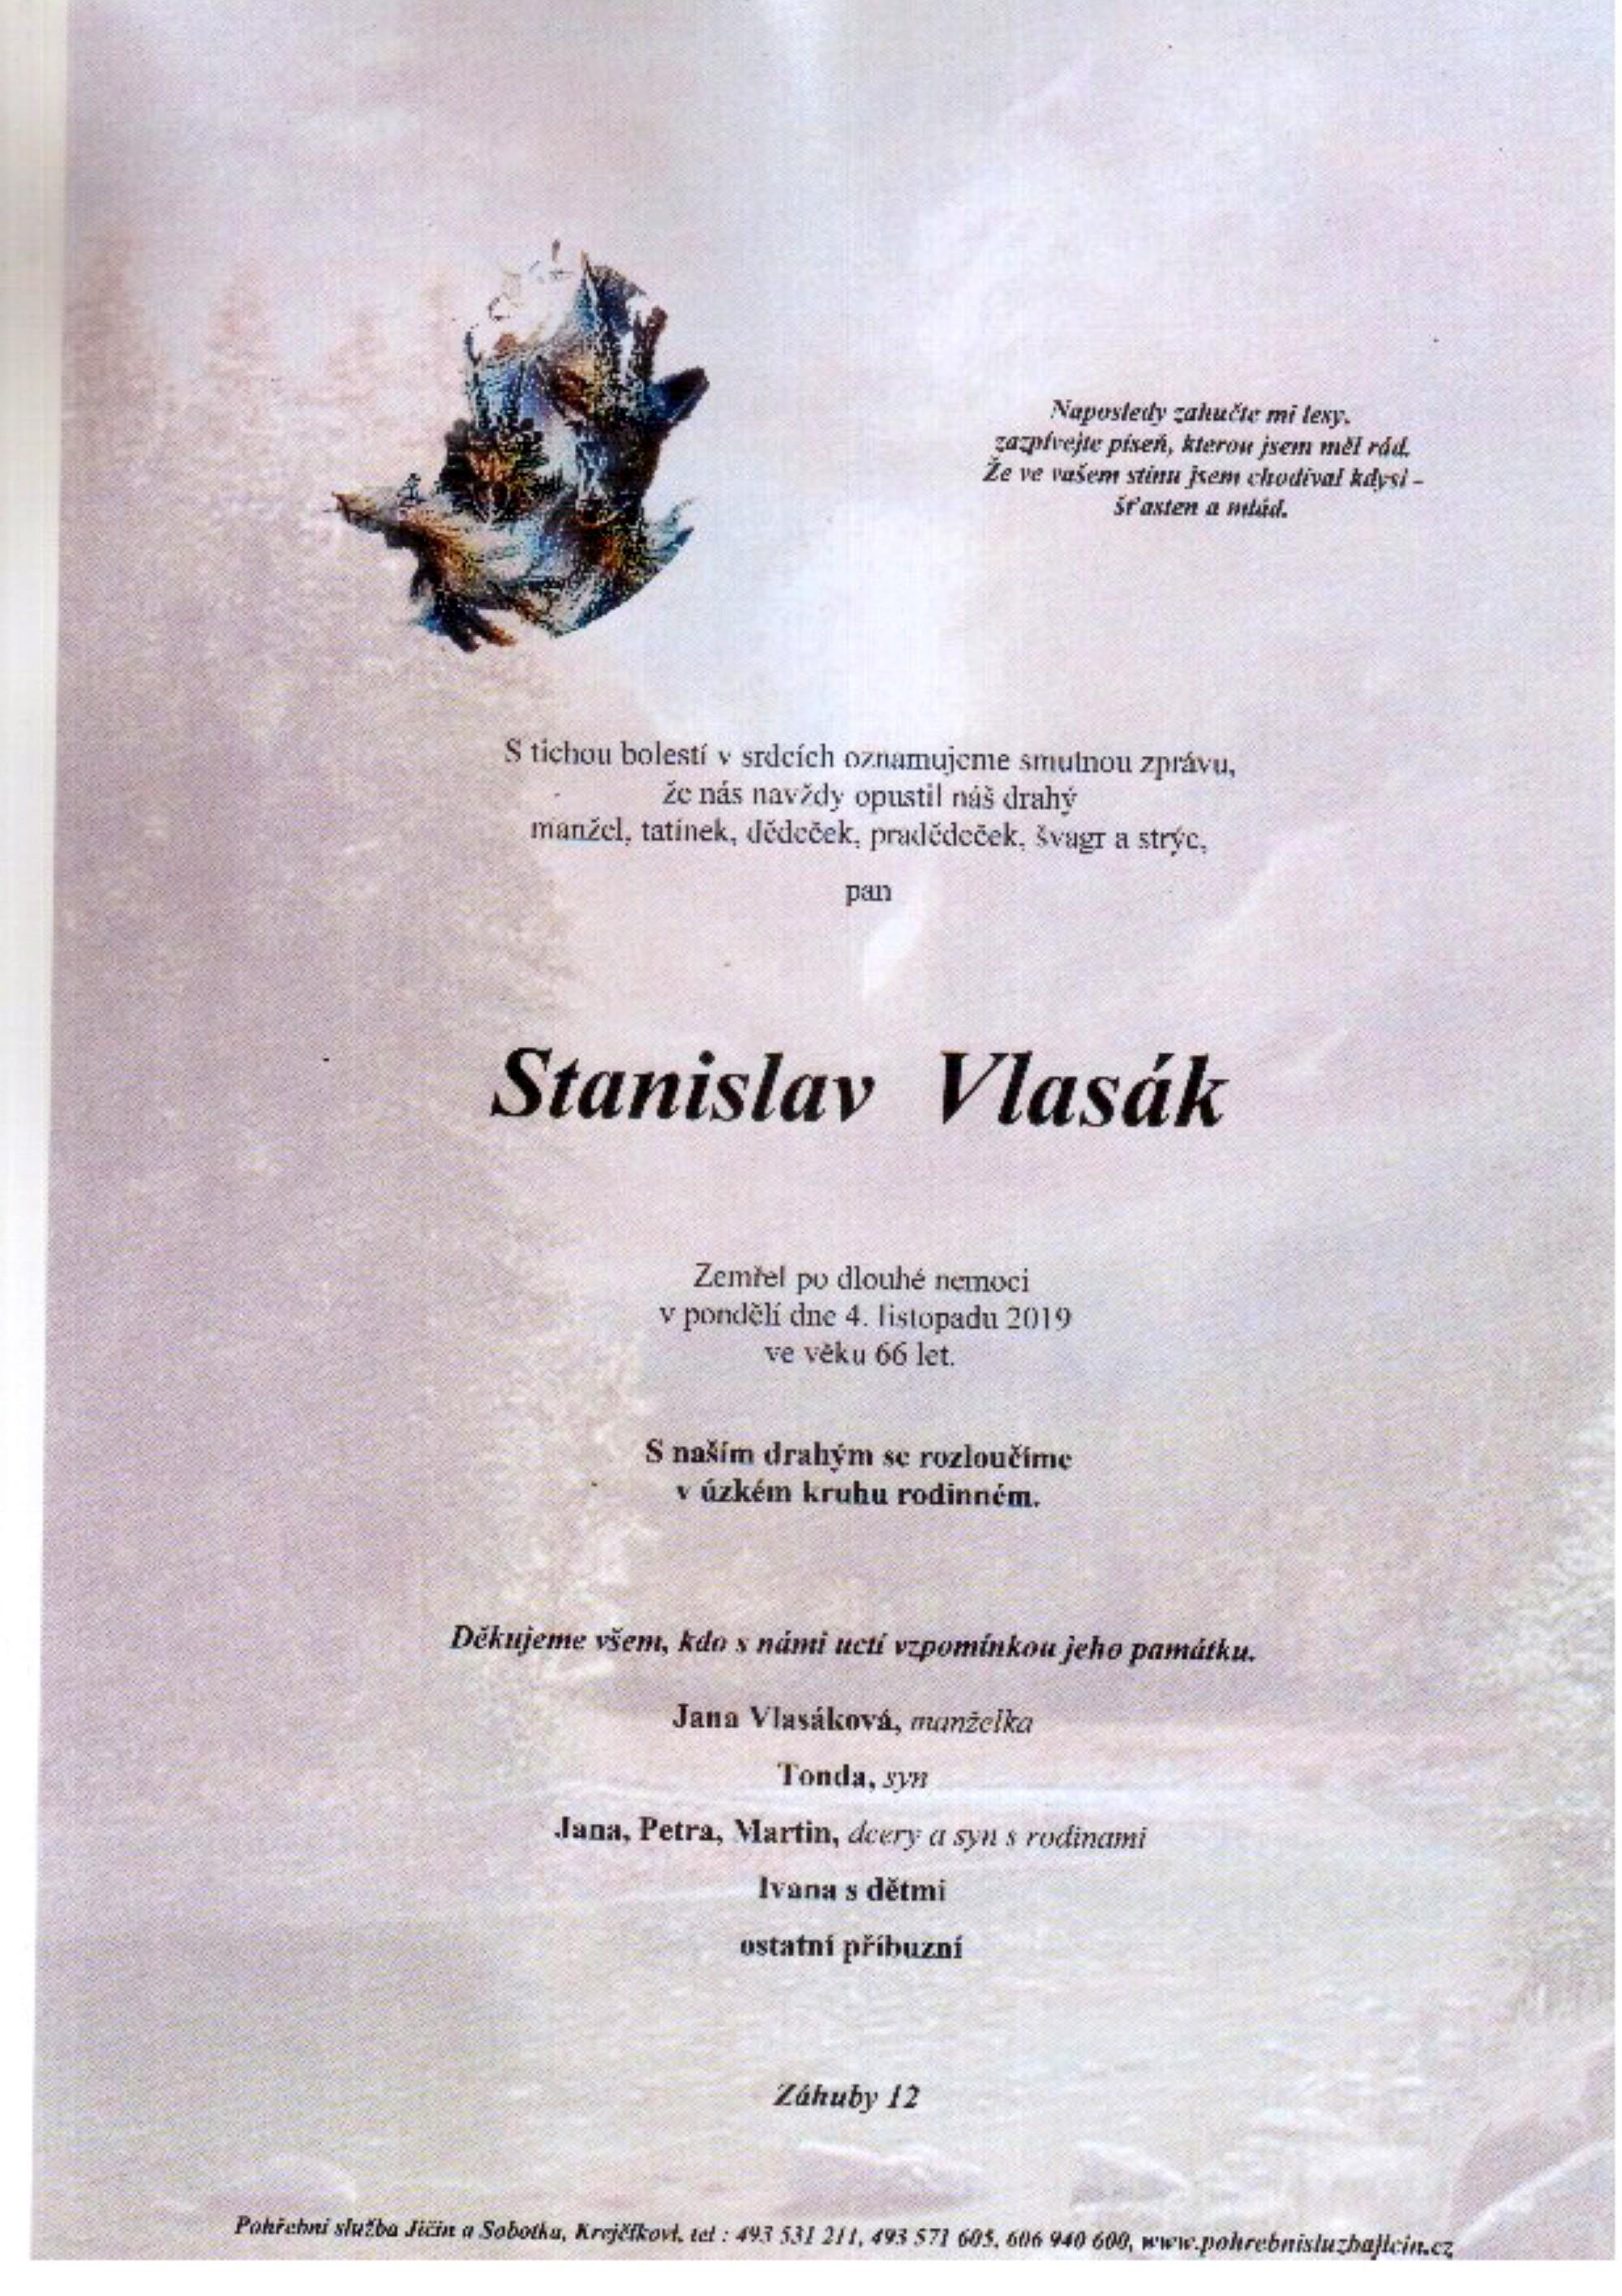 Stanislav Vlasák